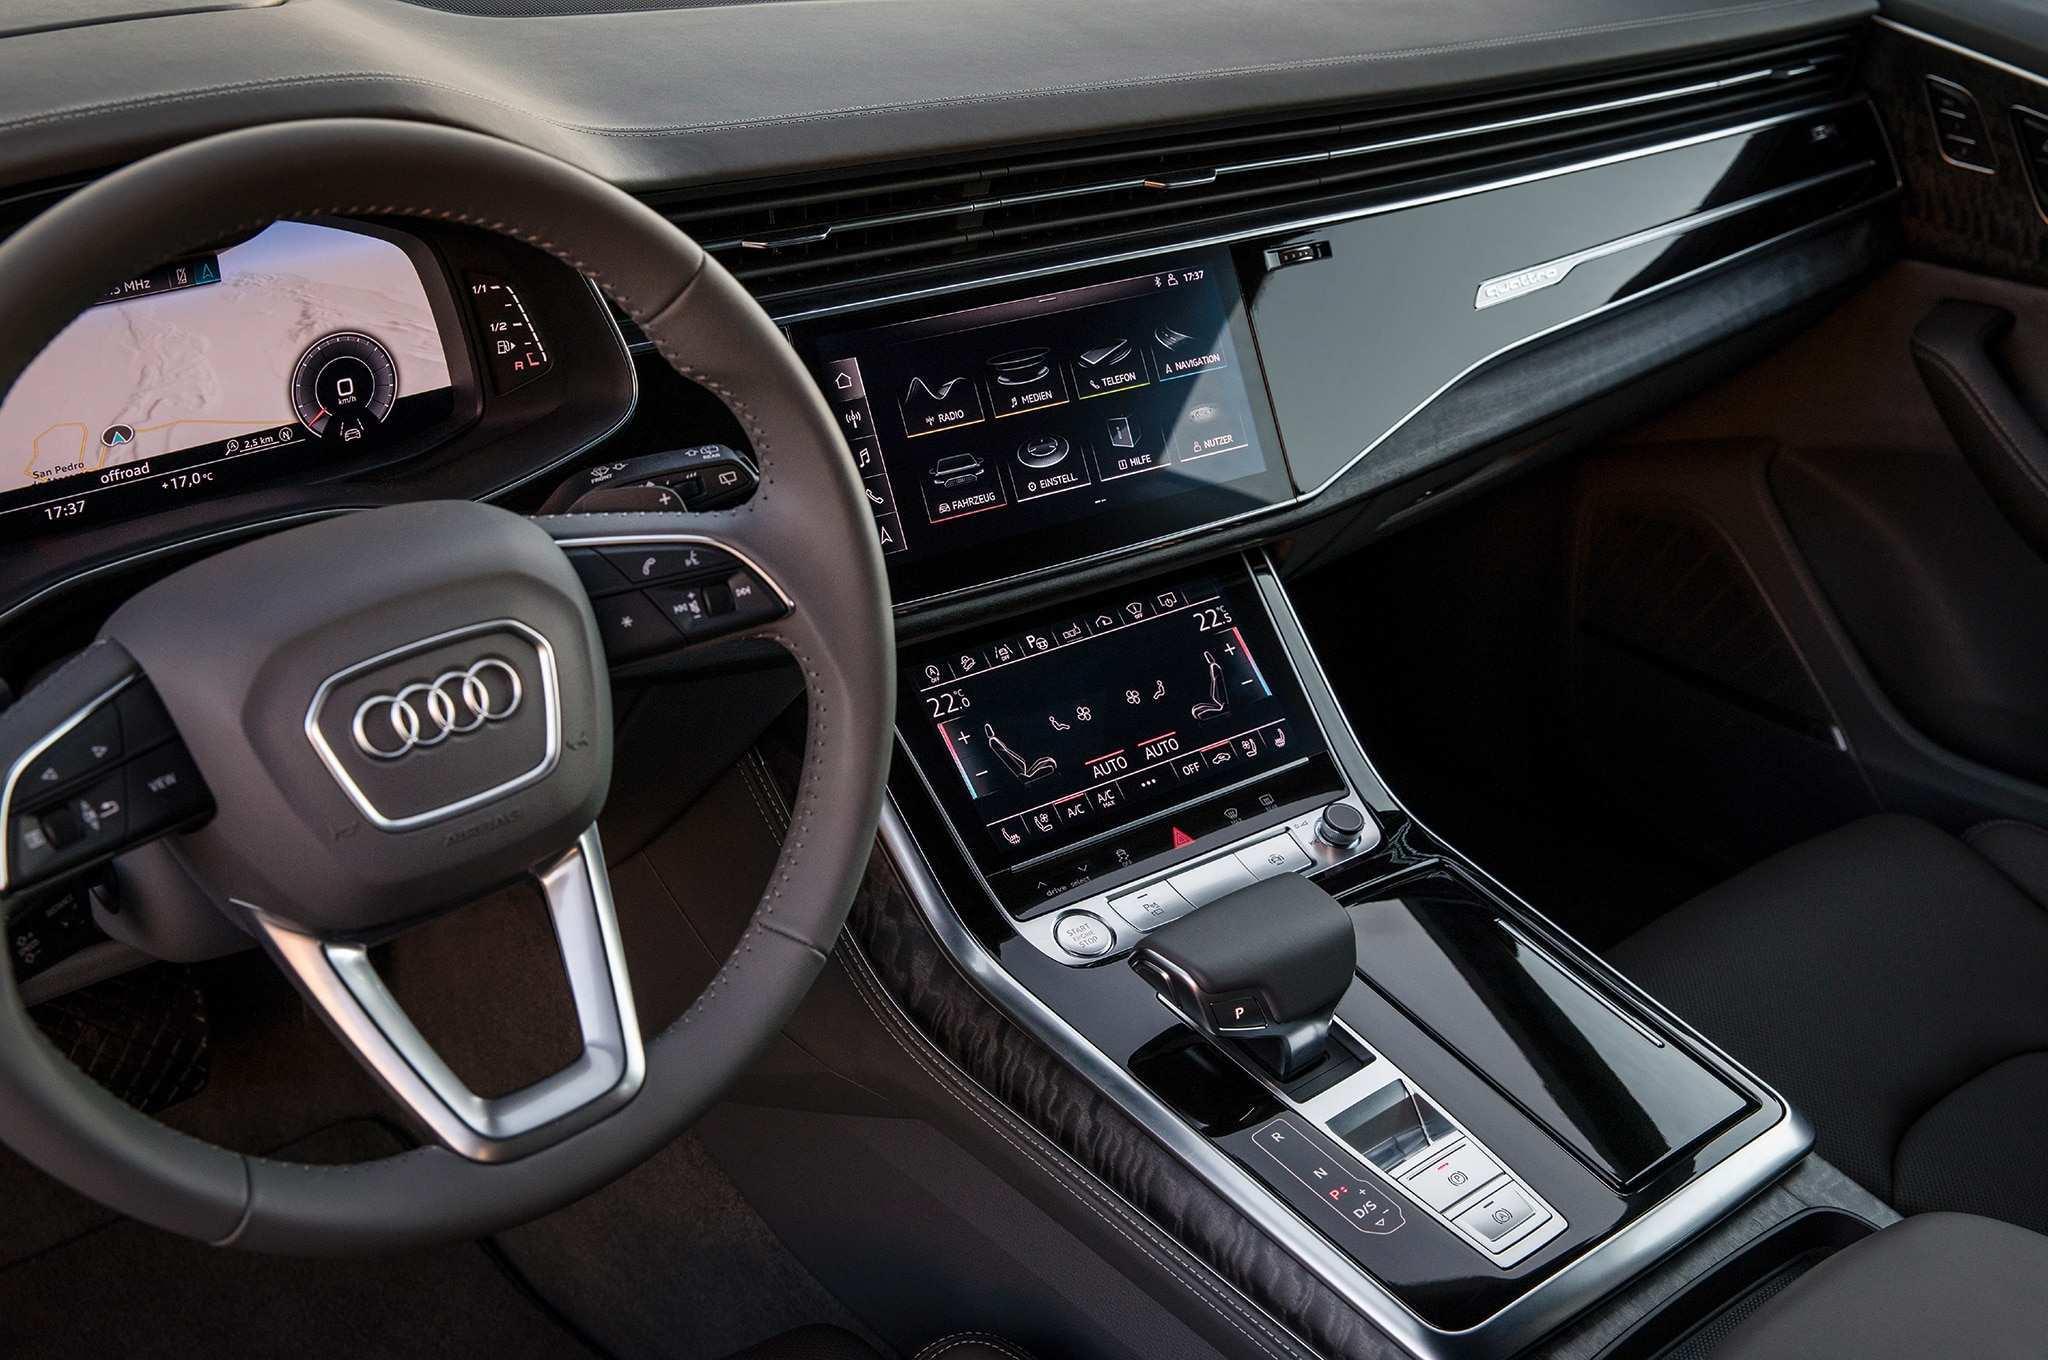 69 New Audi 2019 Q8 Price Interior Images by Audi 2019 Q8 Price Interior